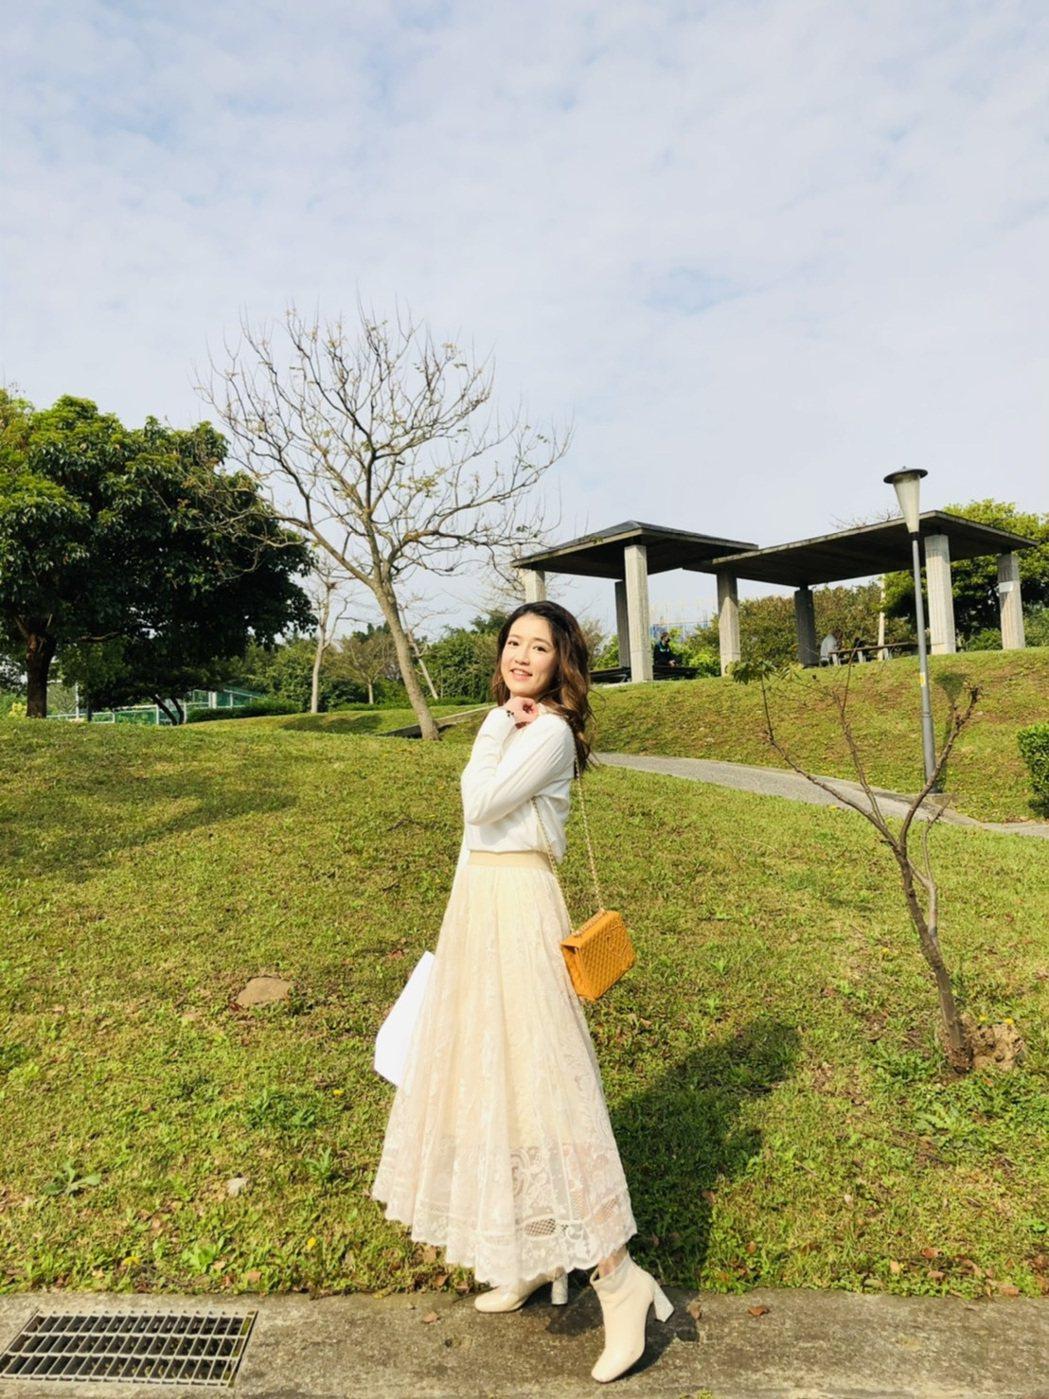 郭亞棠在「多情城市」中是個活潑可愛的小妹。圖/民視提供